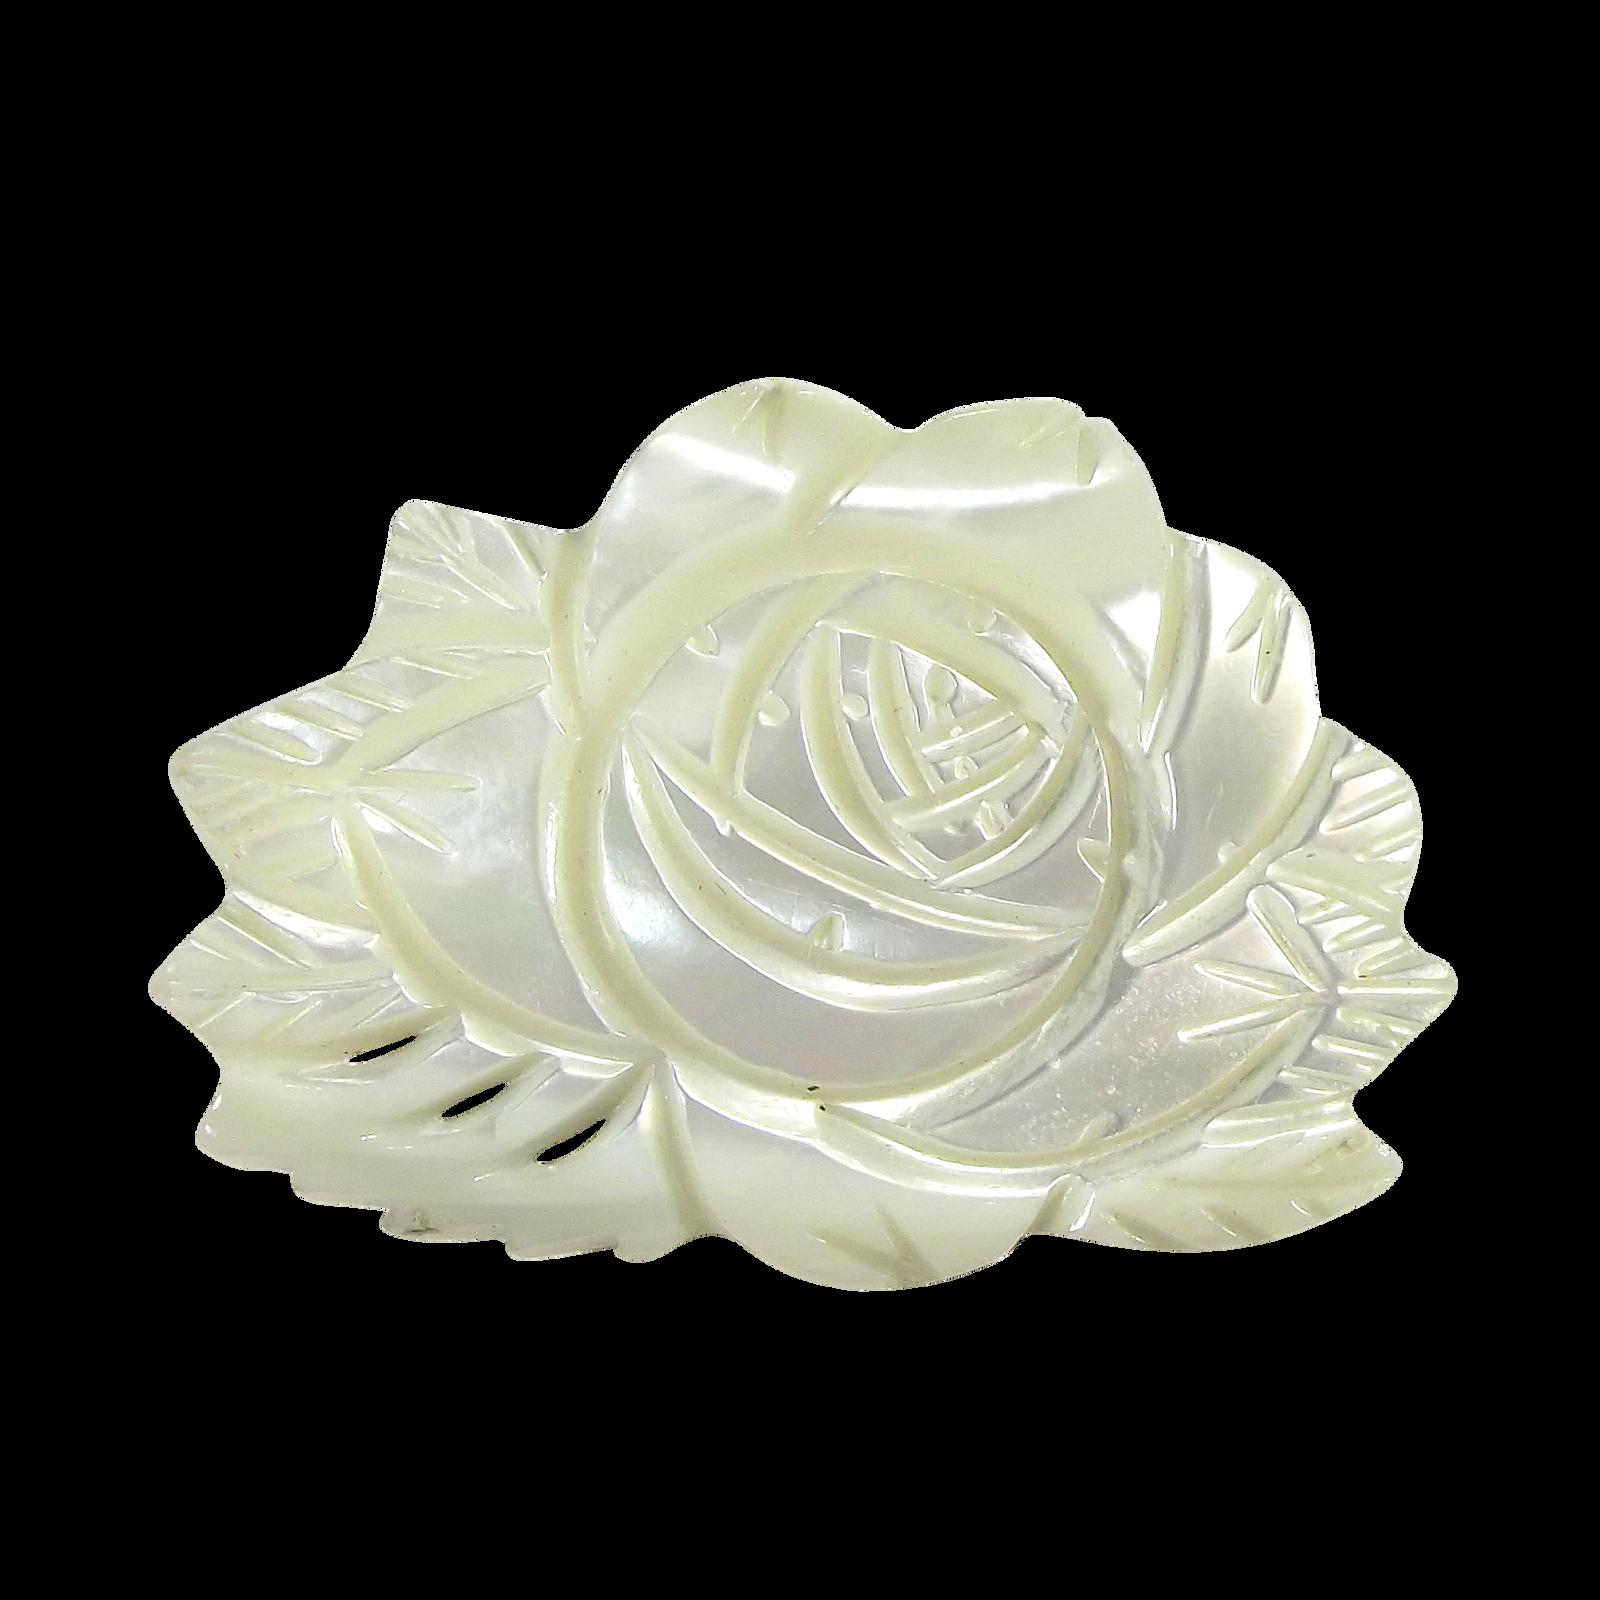 Pearl rose png by Adagem on DeviantArt